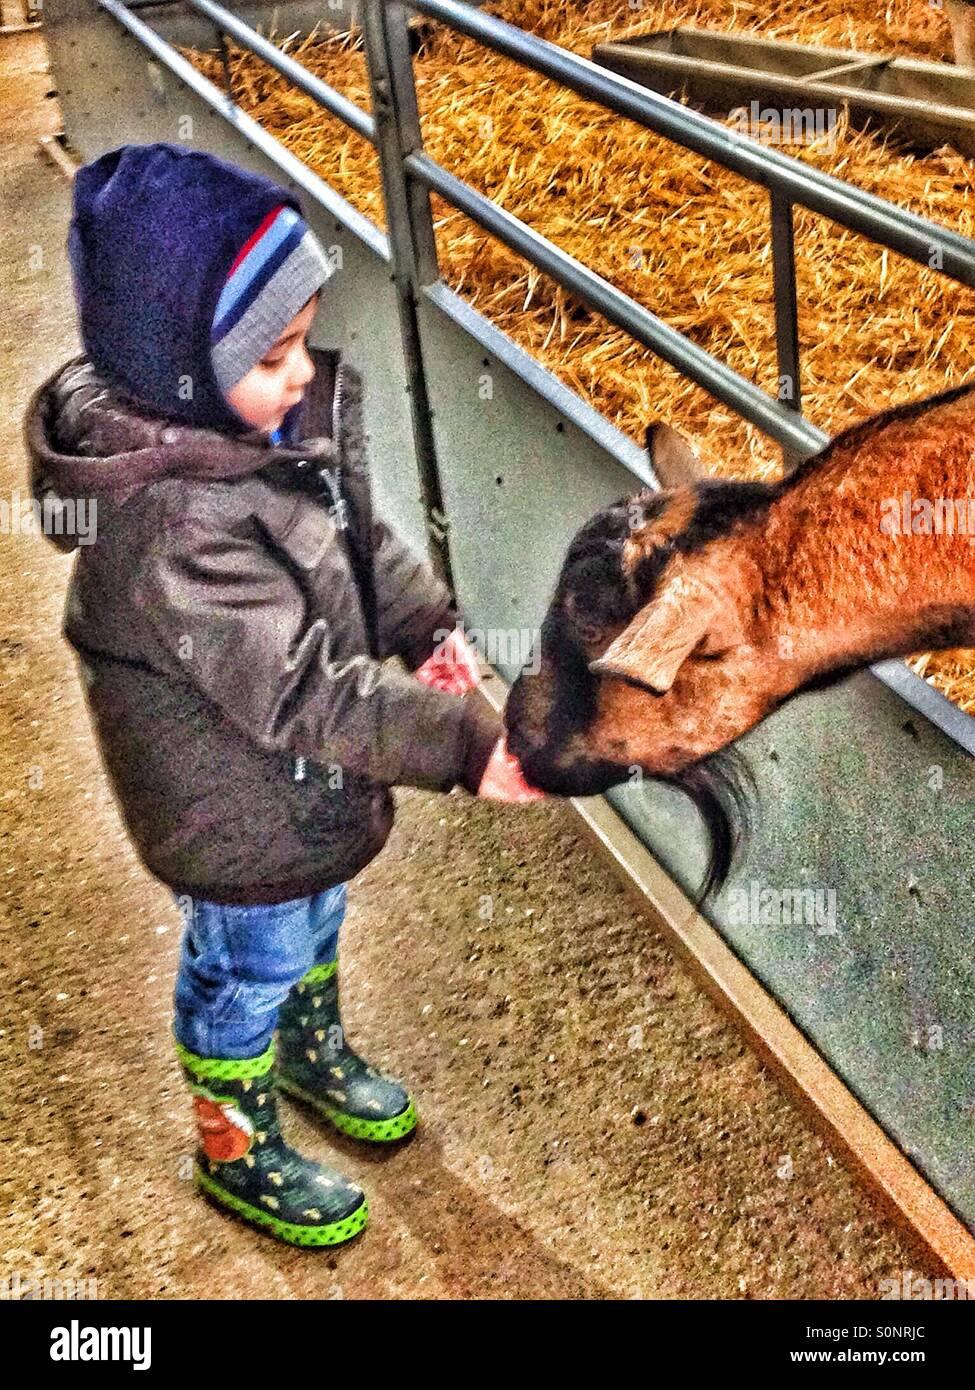 Jeune garçon l'alimentation d'une chèvre. Photo Stock